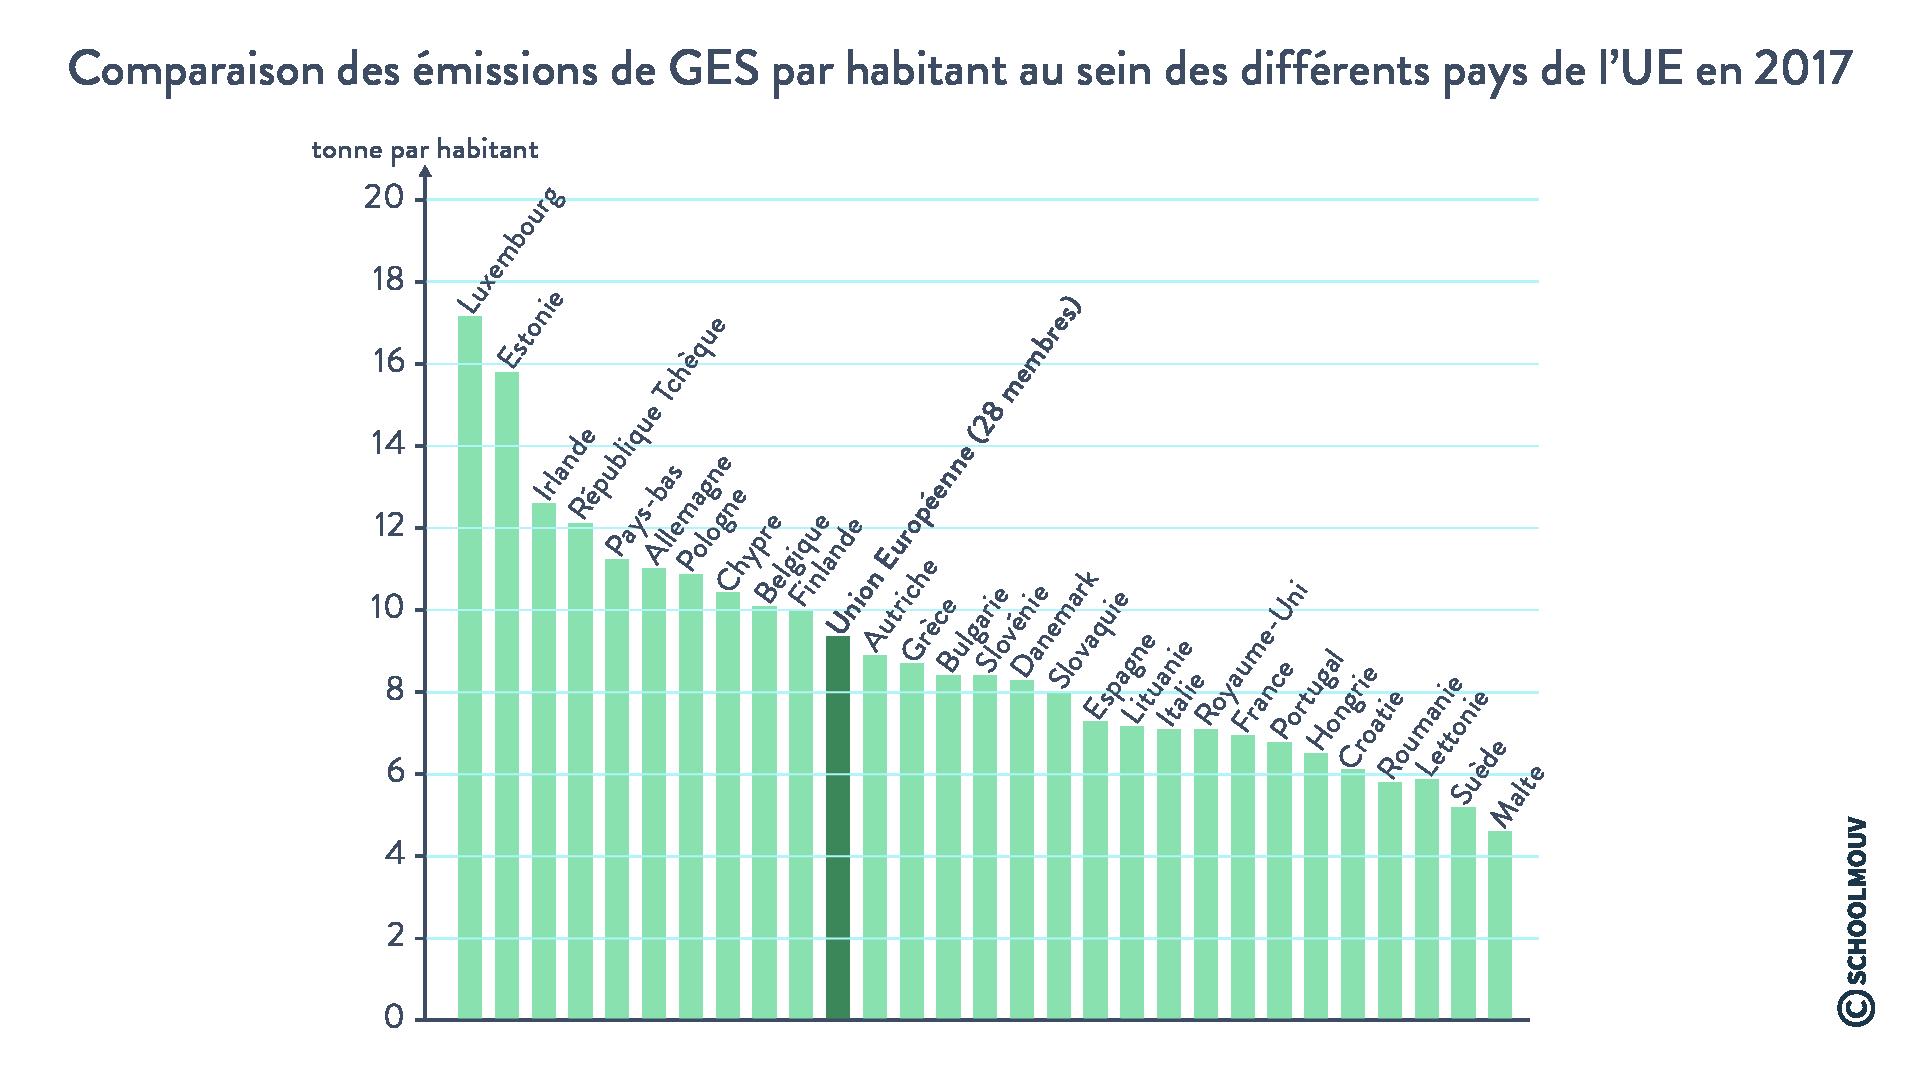 Comparaison des émissions de GES par habitant au sein des différents pays de l'UE